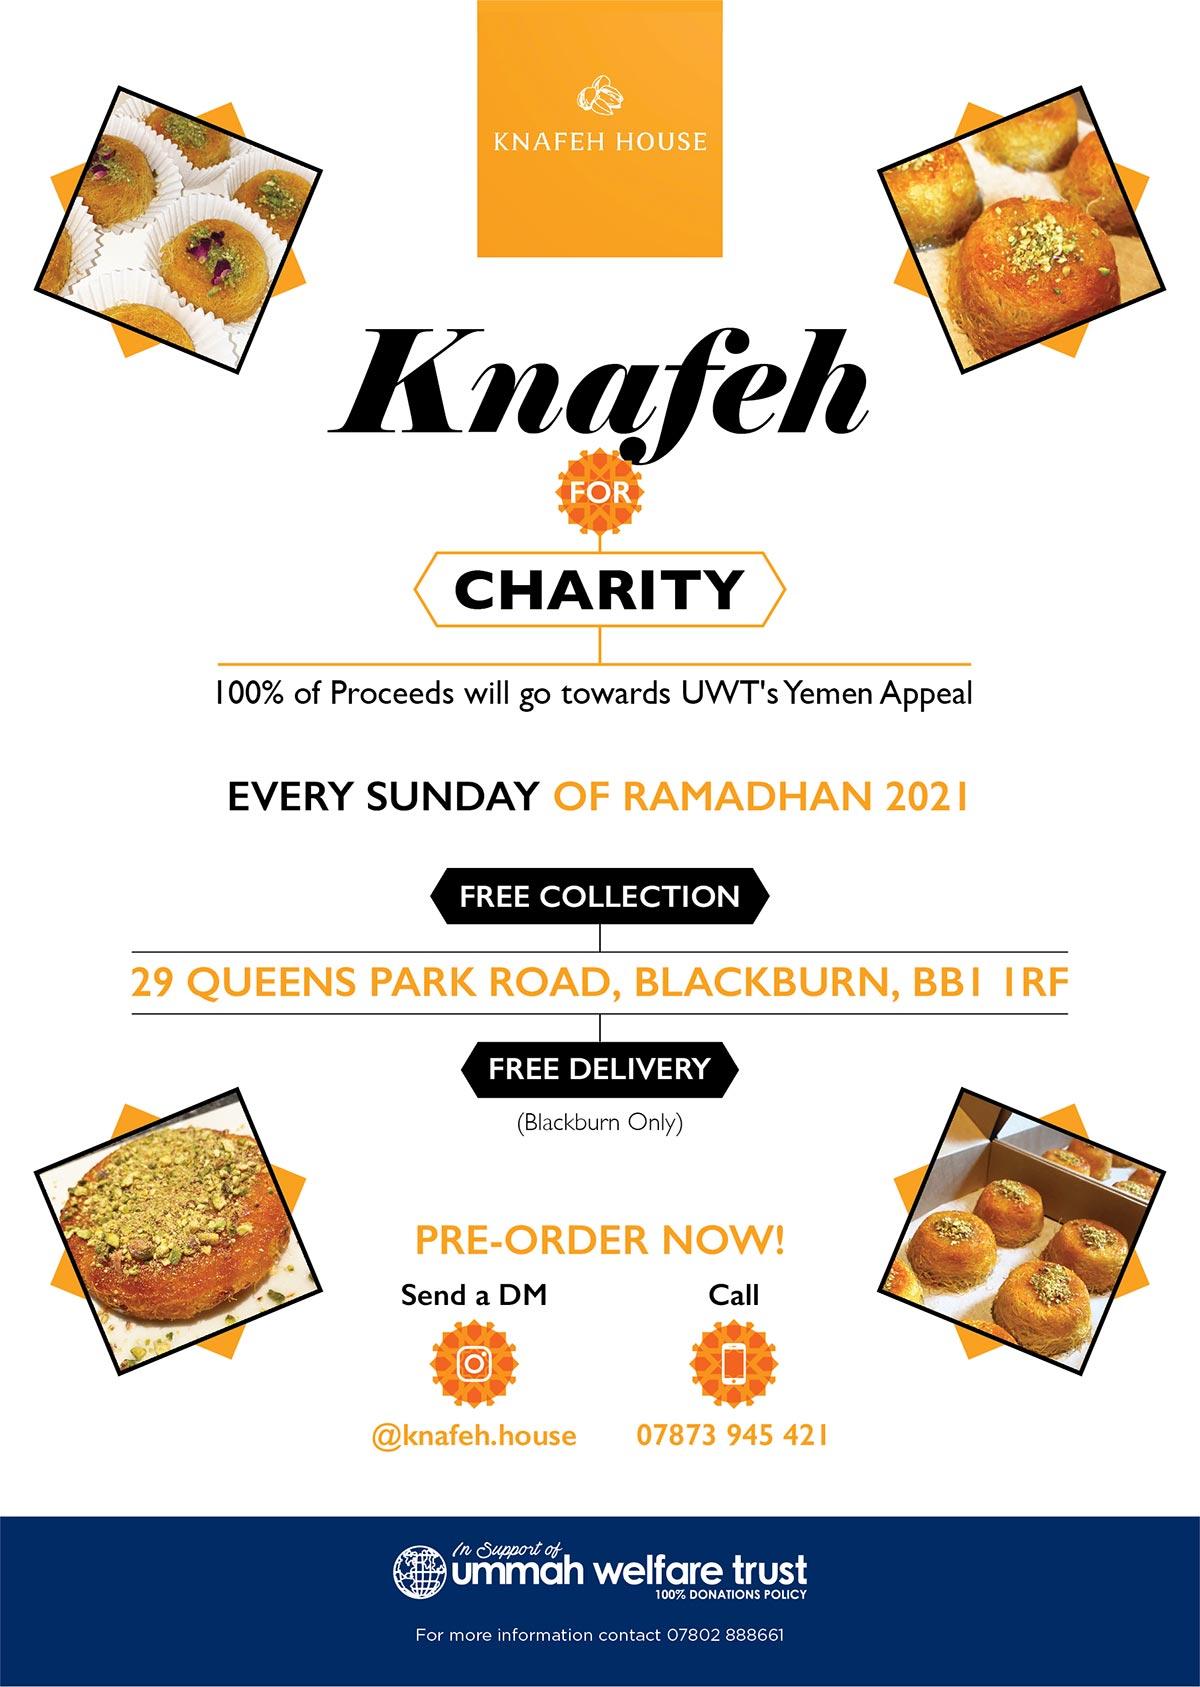 Knafeh for Charity Blackburn